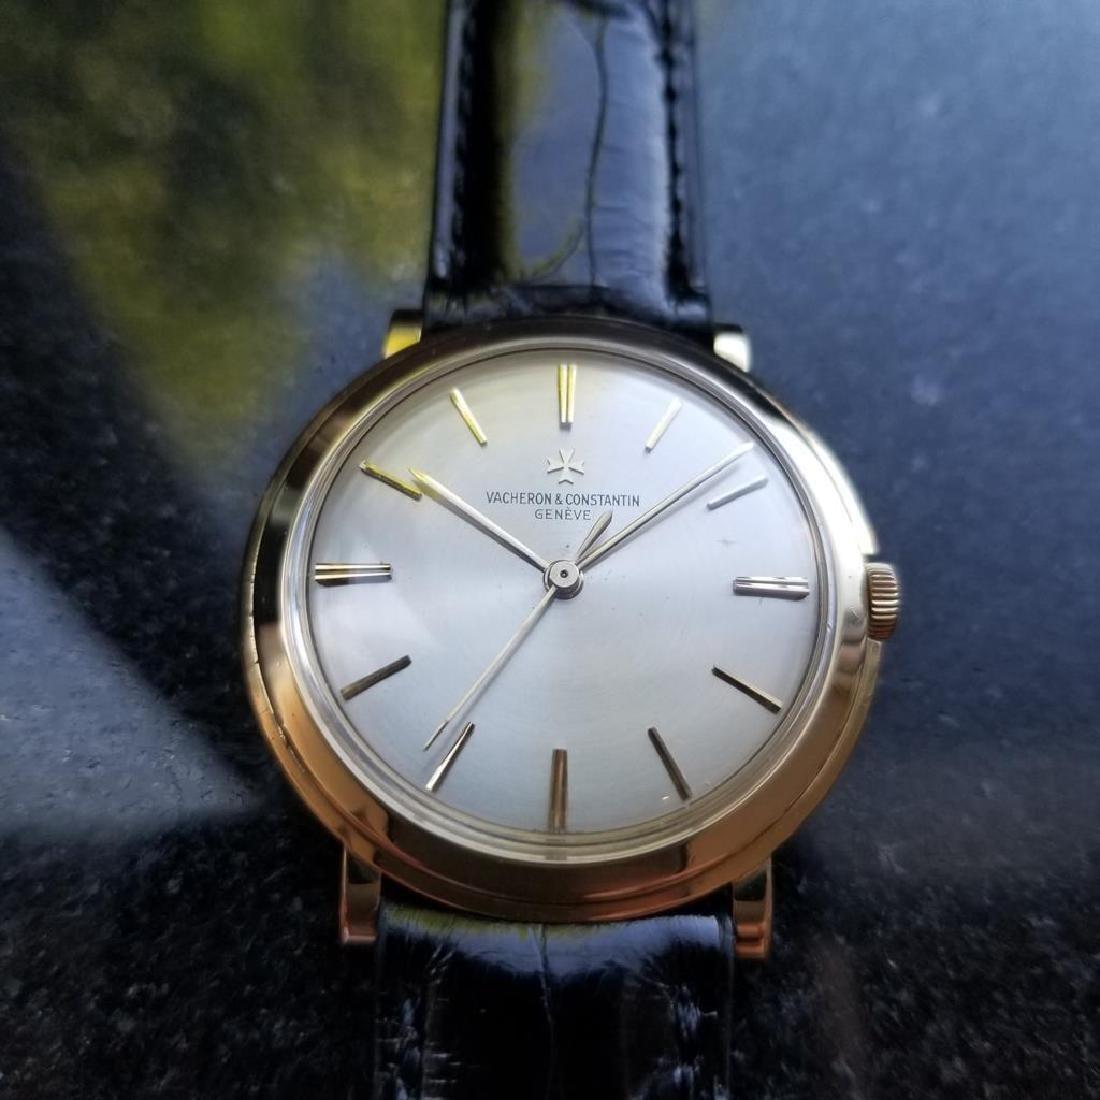 VACHERON & CONSTANTIN Men's 18K Gold 4986 Hand-Wind - 3